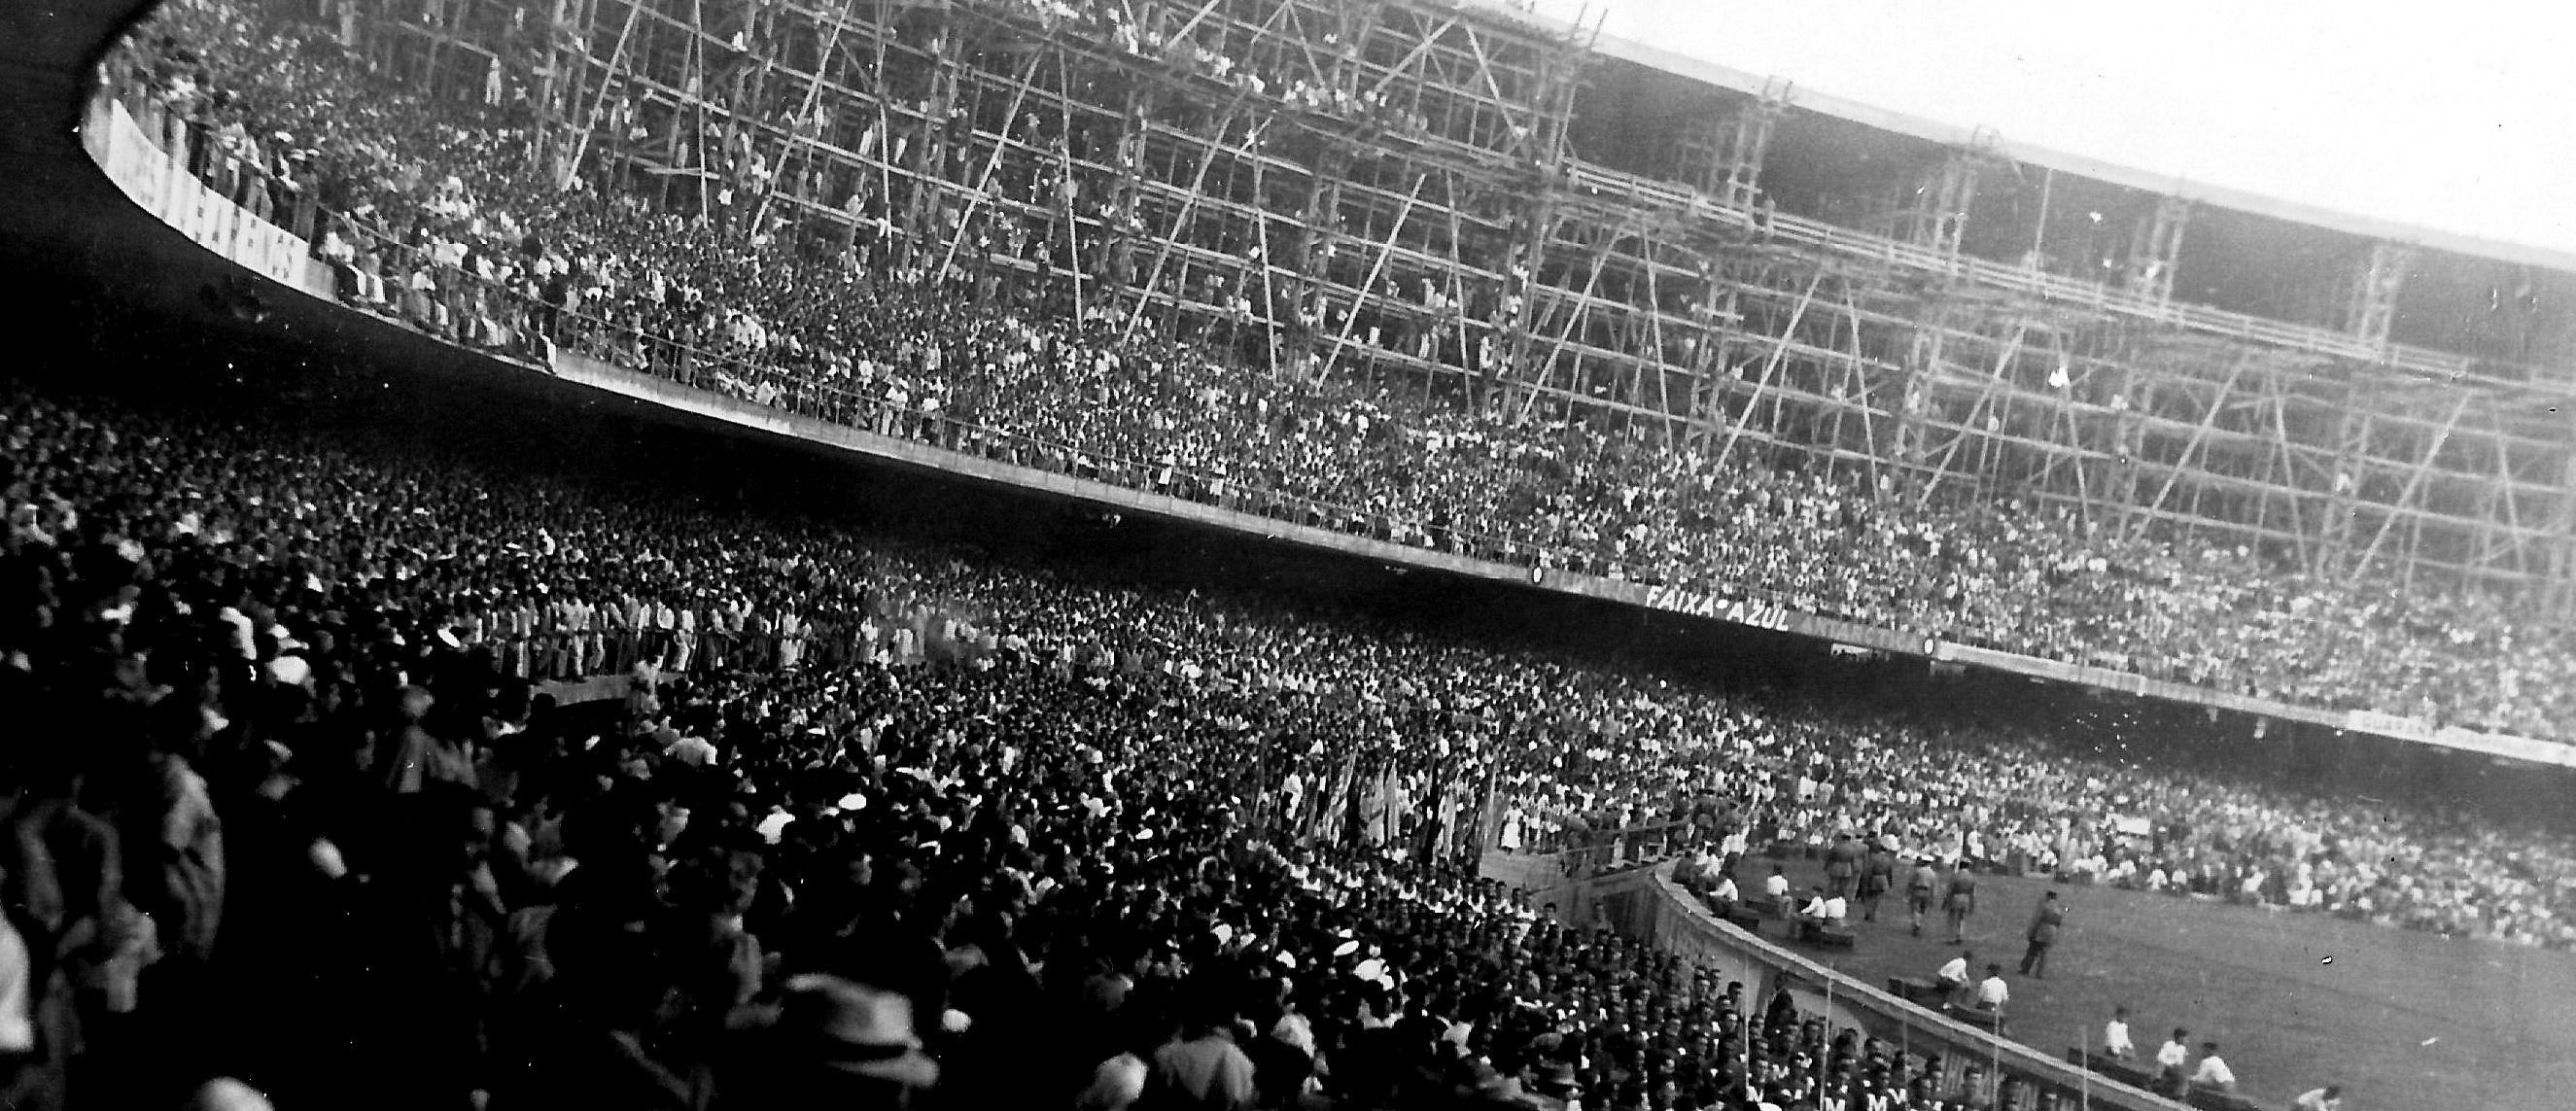 maracana-1950-detalhe